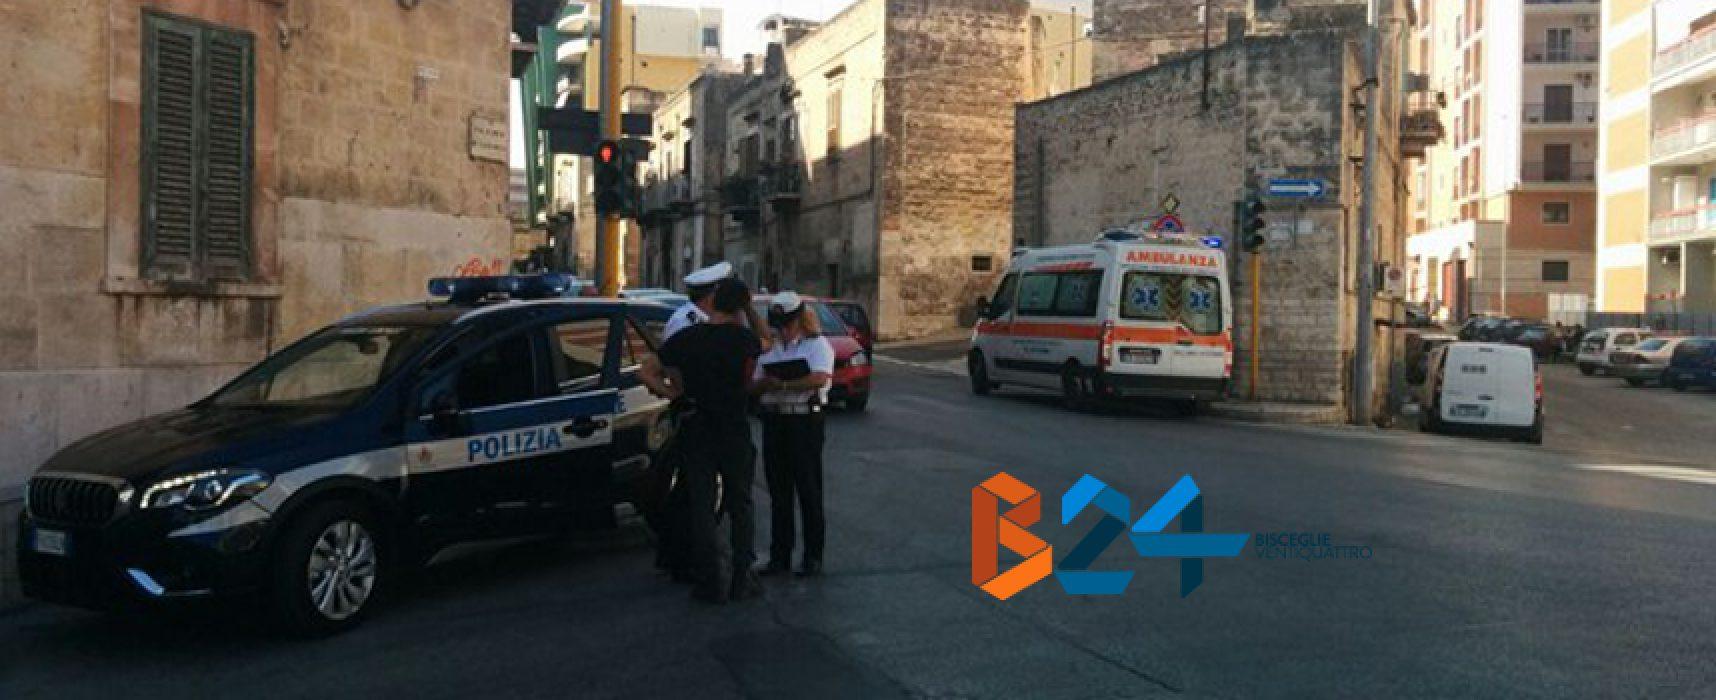 Anziano investito da un furgone su via Pendio Misericordia